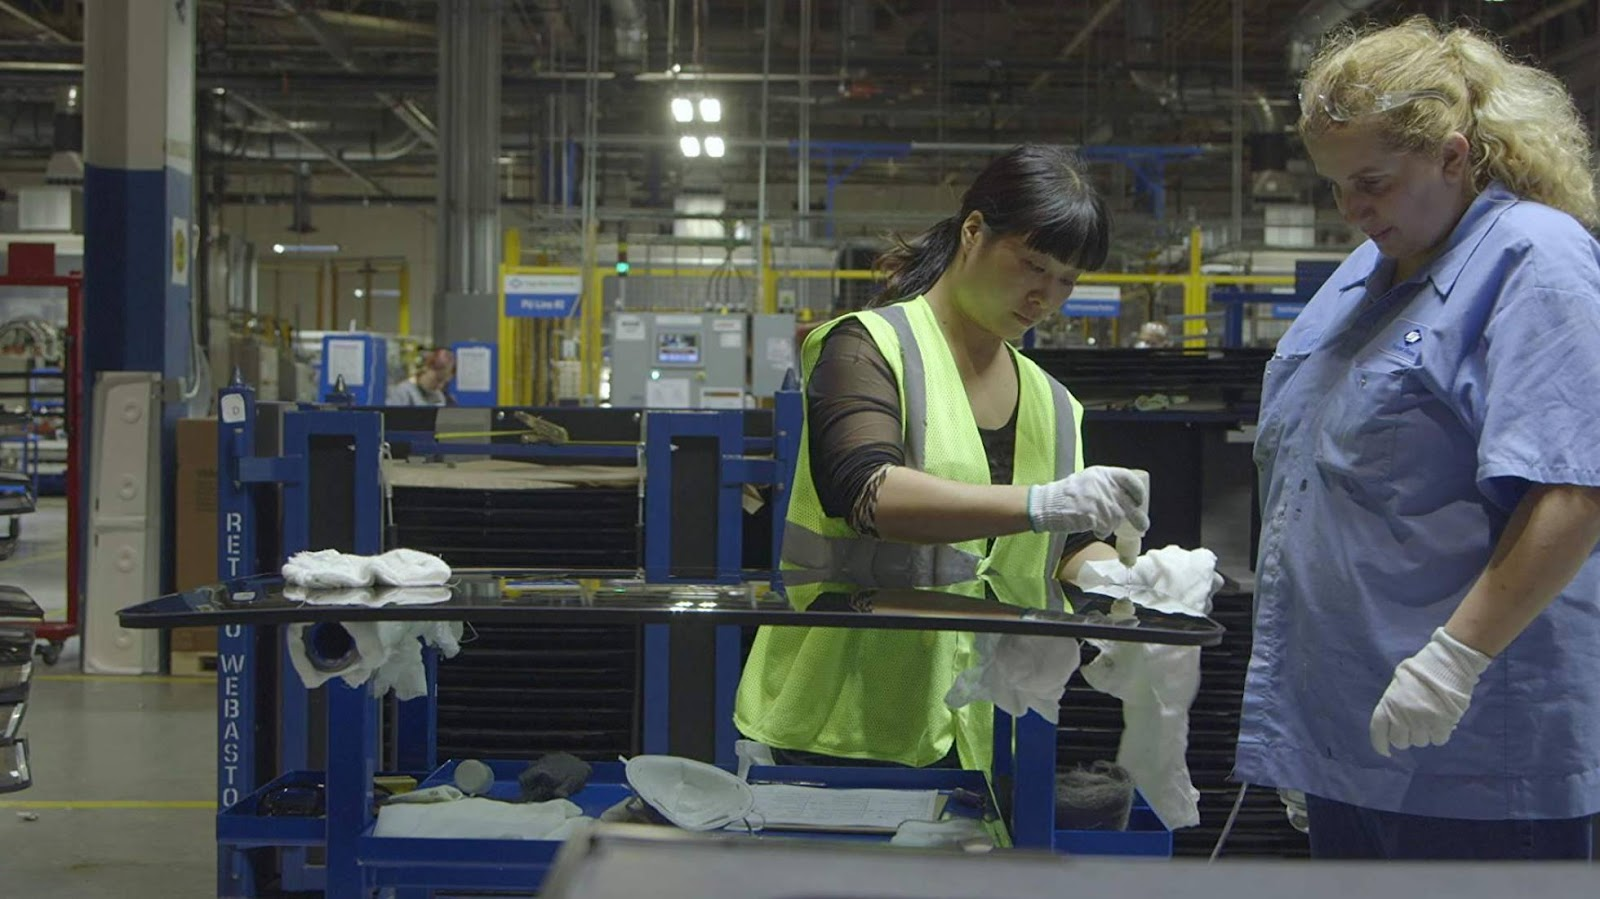 duas mulheres operando uma máquina têxtil dentro de uma fábrica